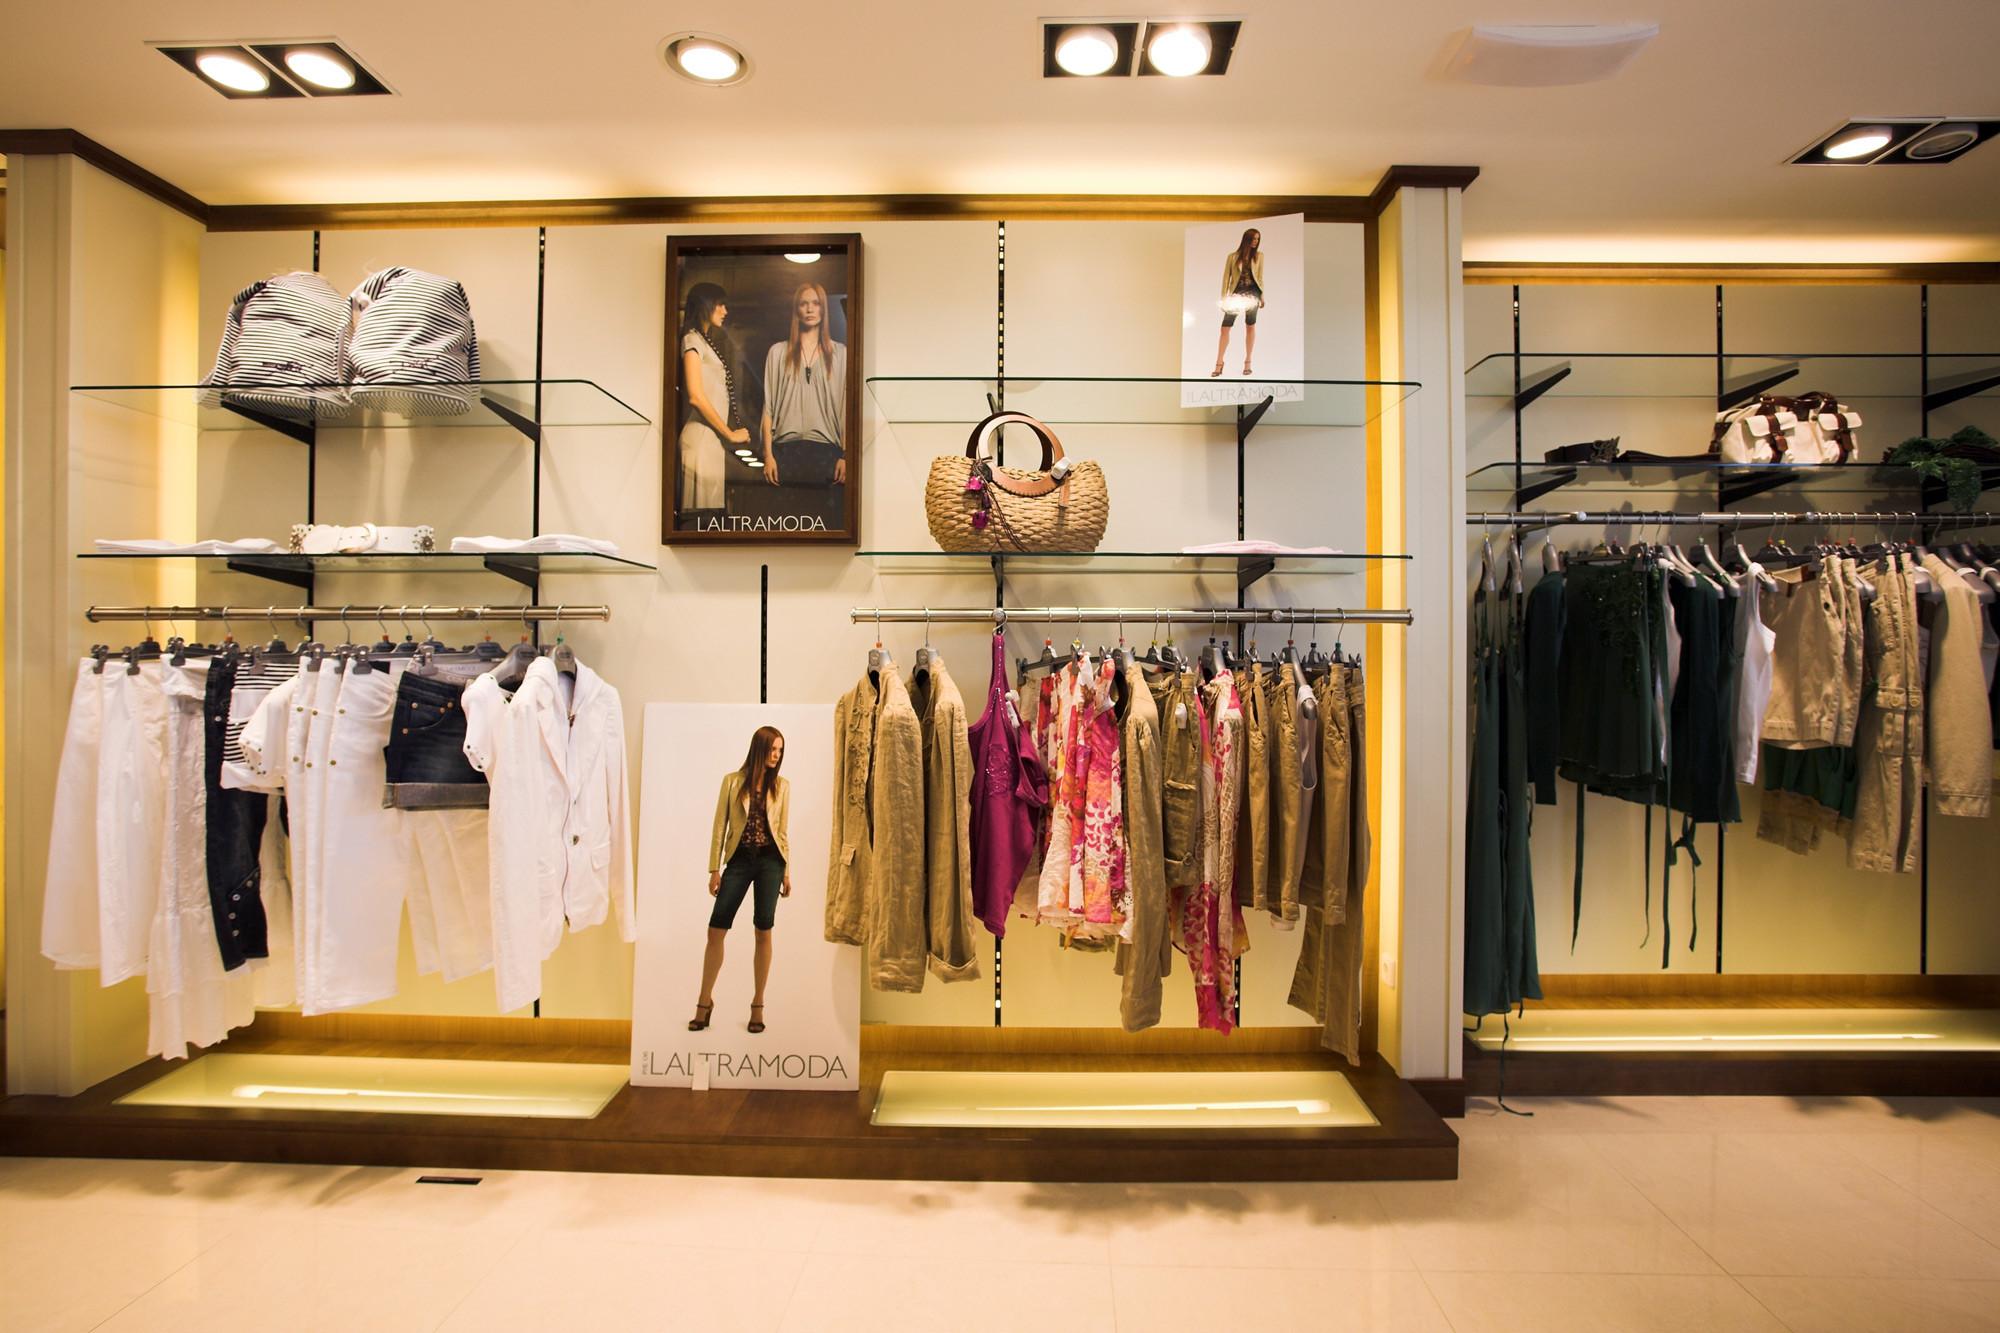 Картинки про магазин одежды